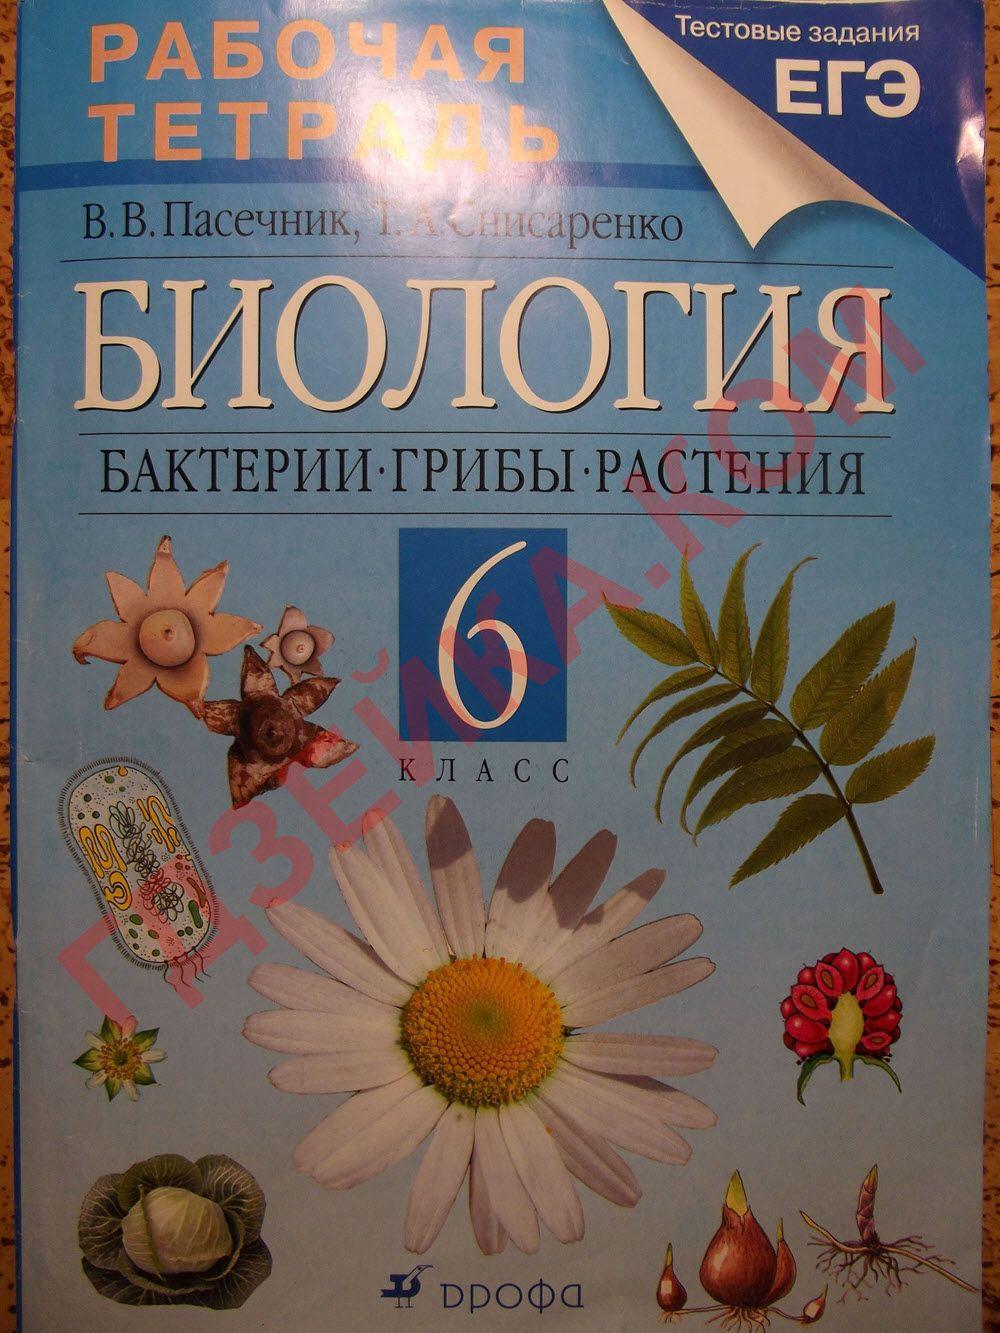 Читать учебник биологии 6 класс снисареноко пасечник